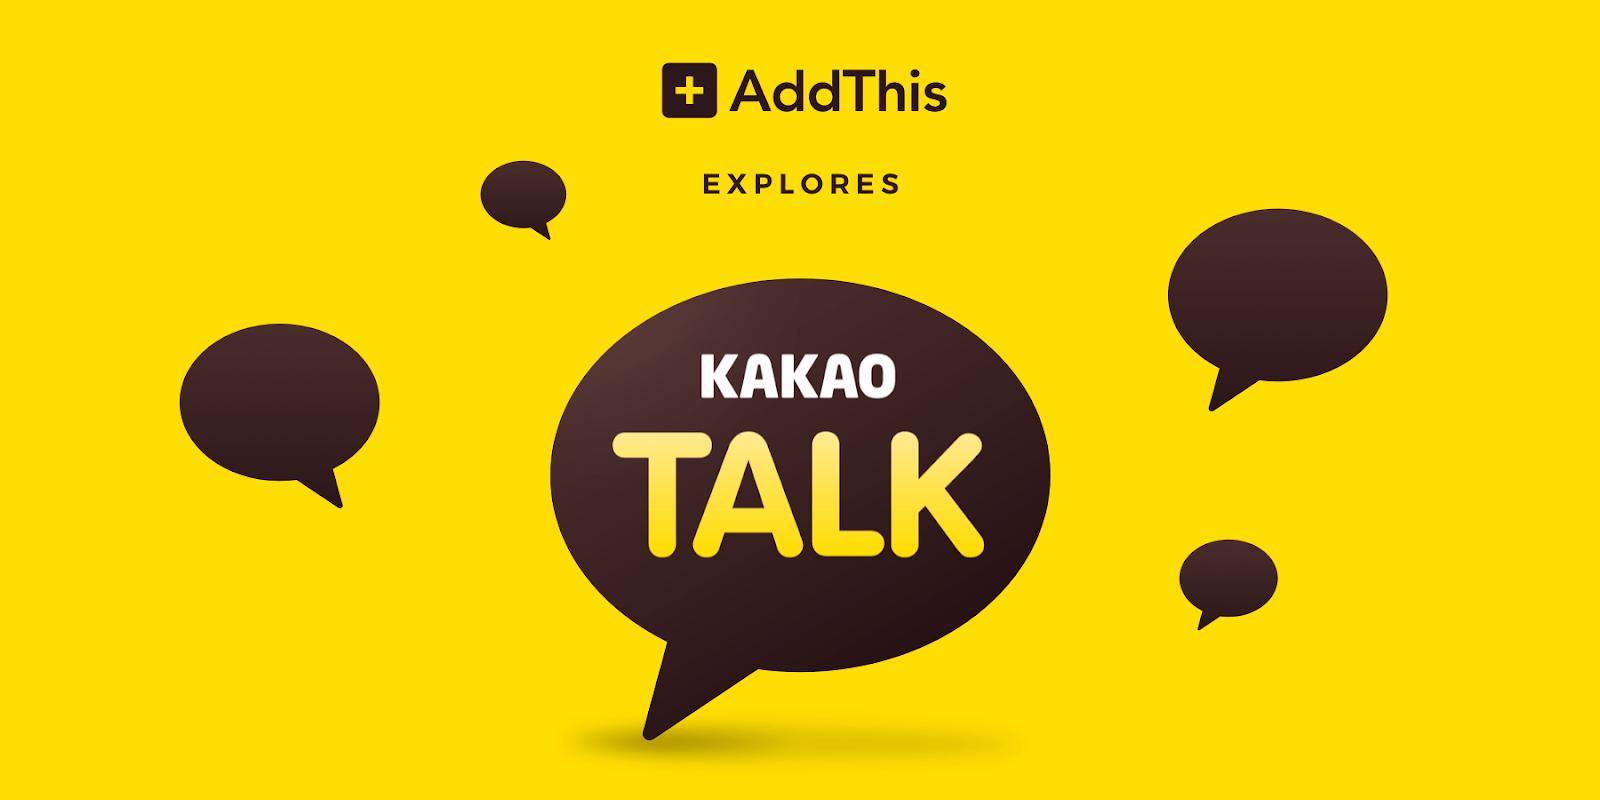 Theo những thông tin cung cấp về Hankook Research hiện những người từ độ tuổi từ 17-69 đến 70% số người đều dùngKakao Talk.